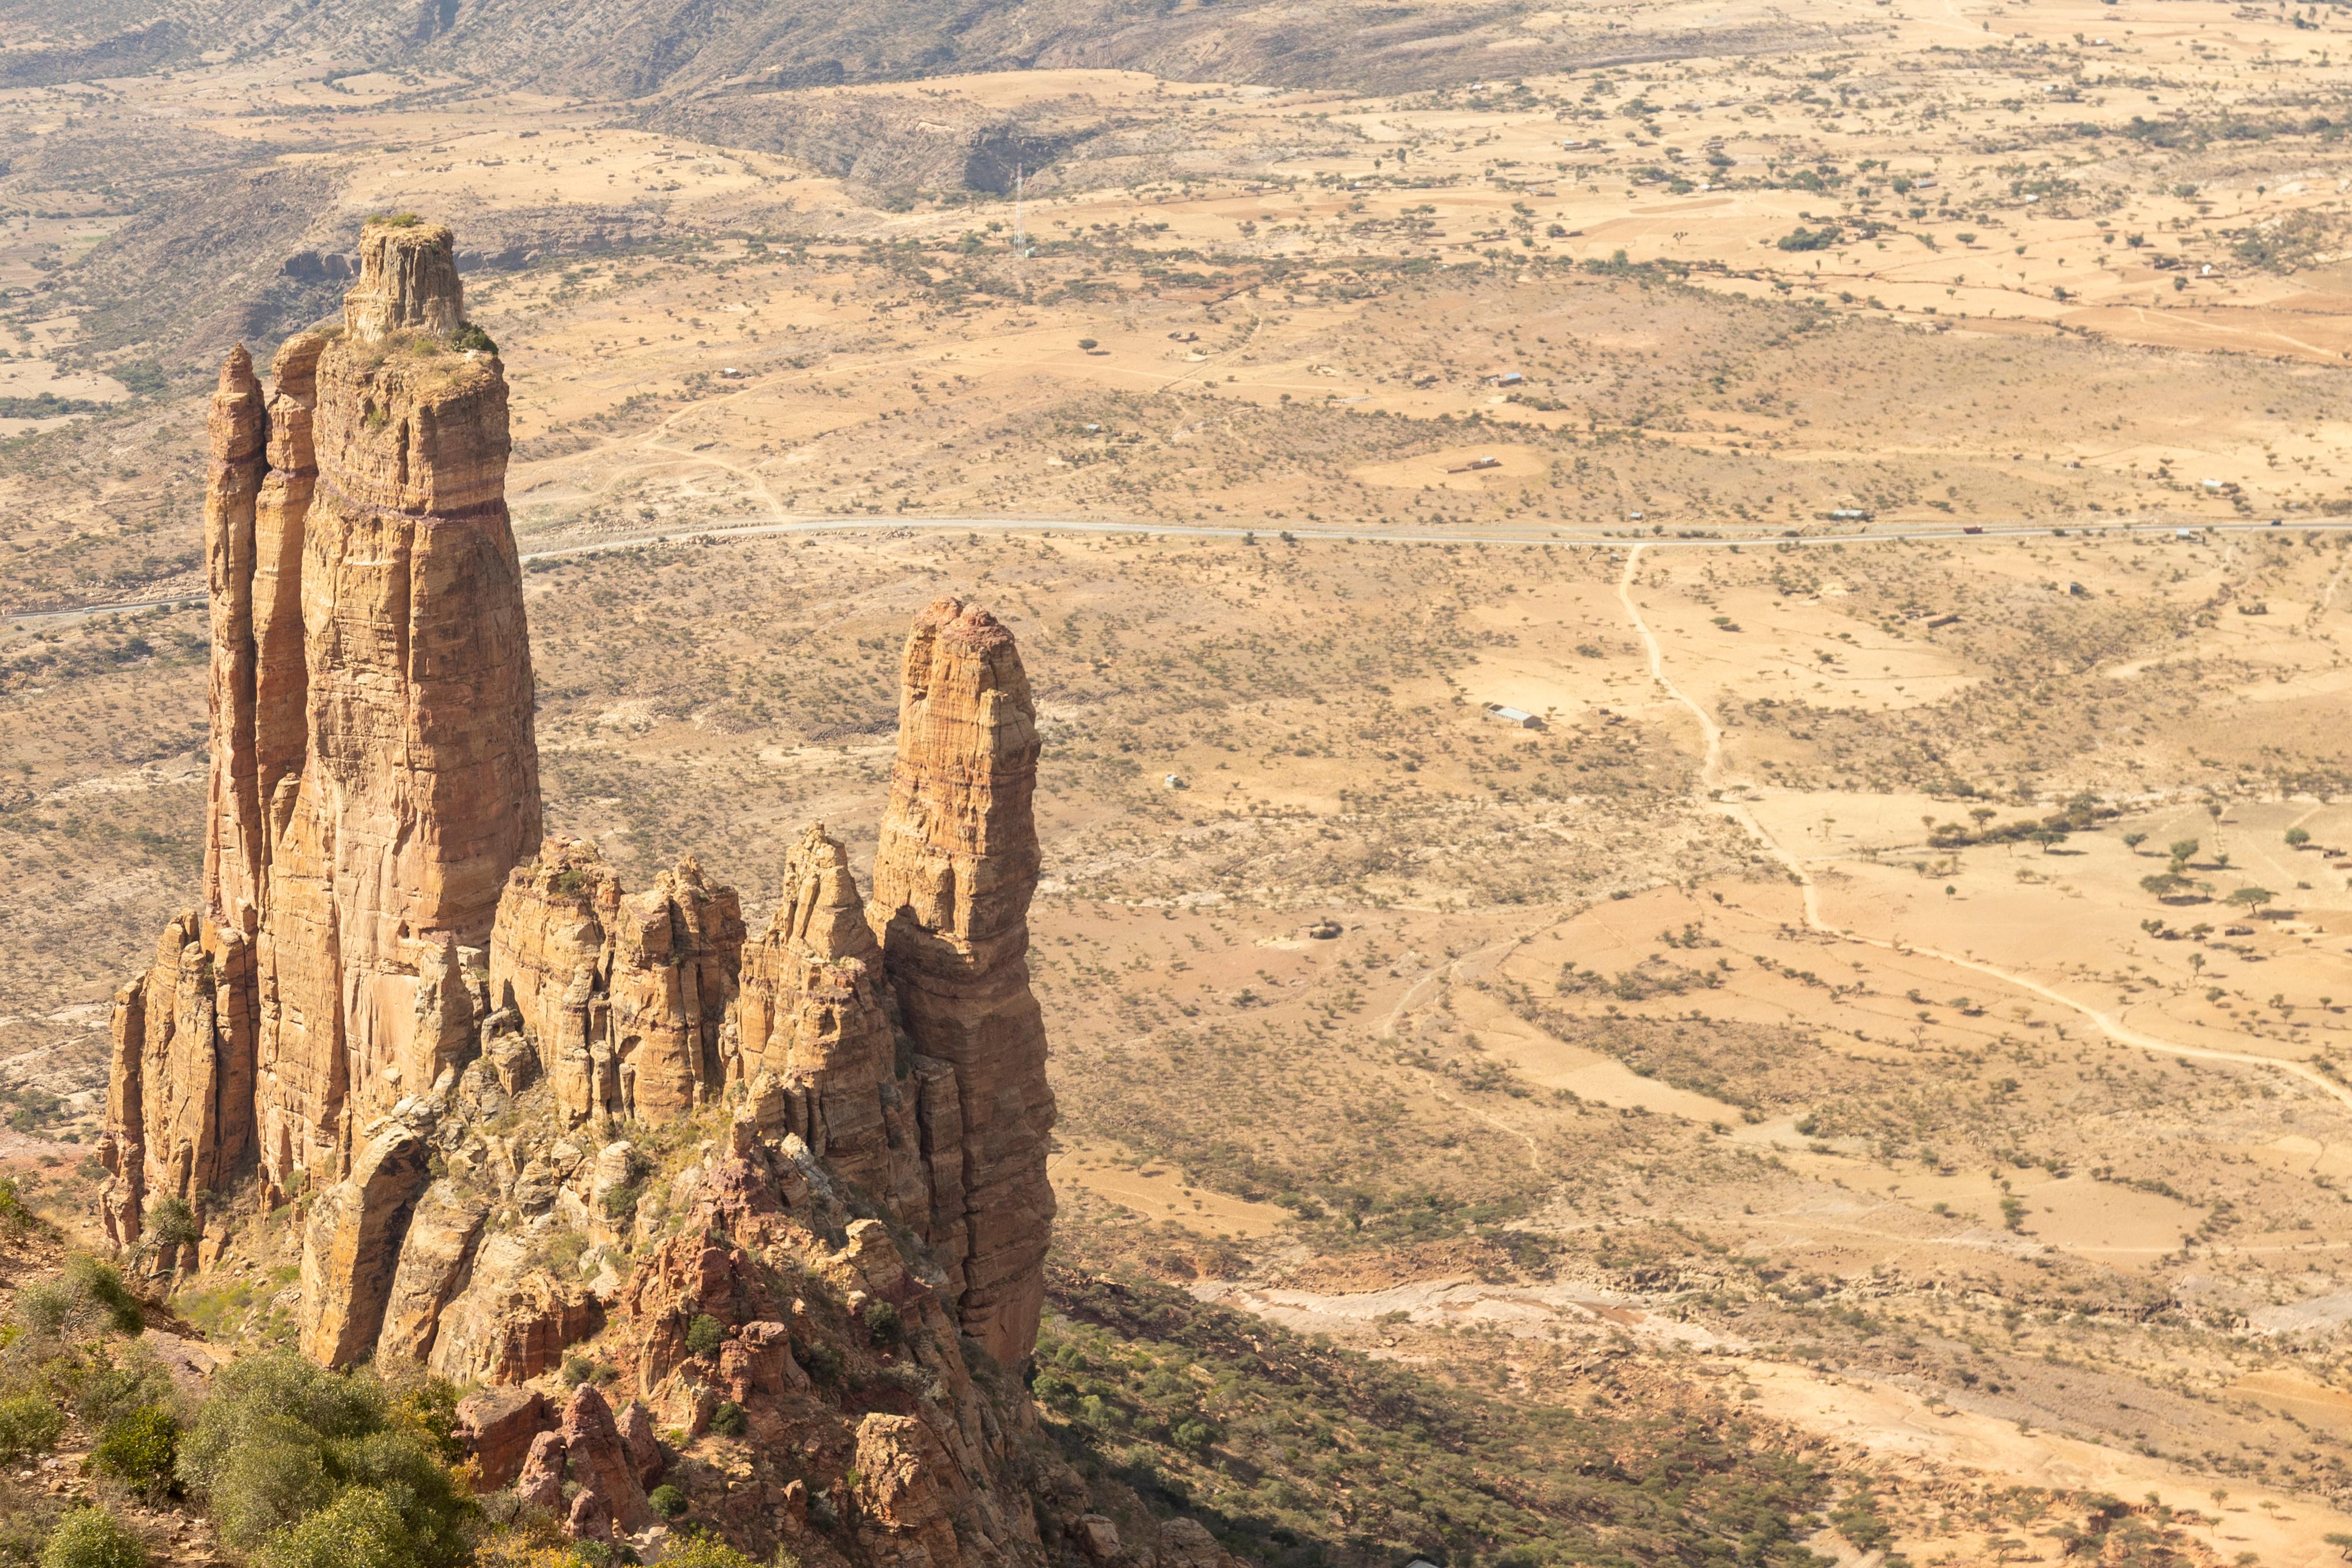 海拔二千多米 世界最危險教堂蓋在峭壁上